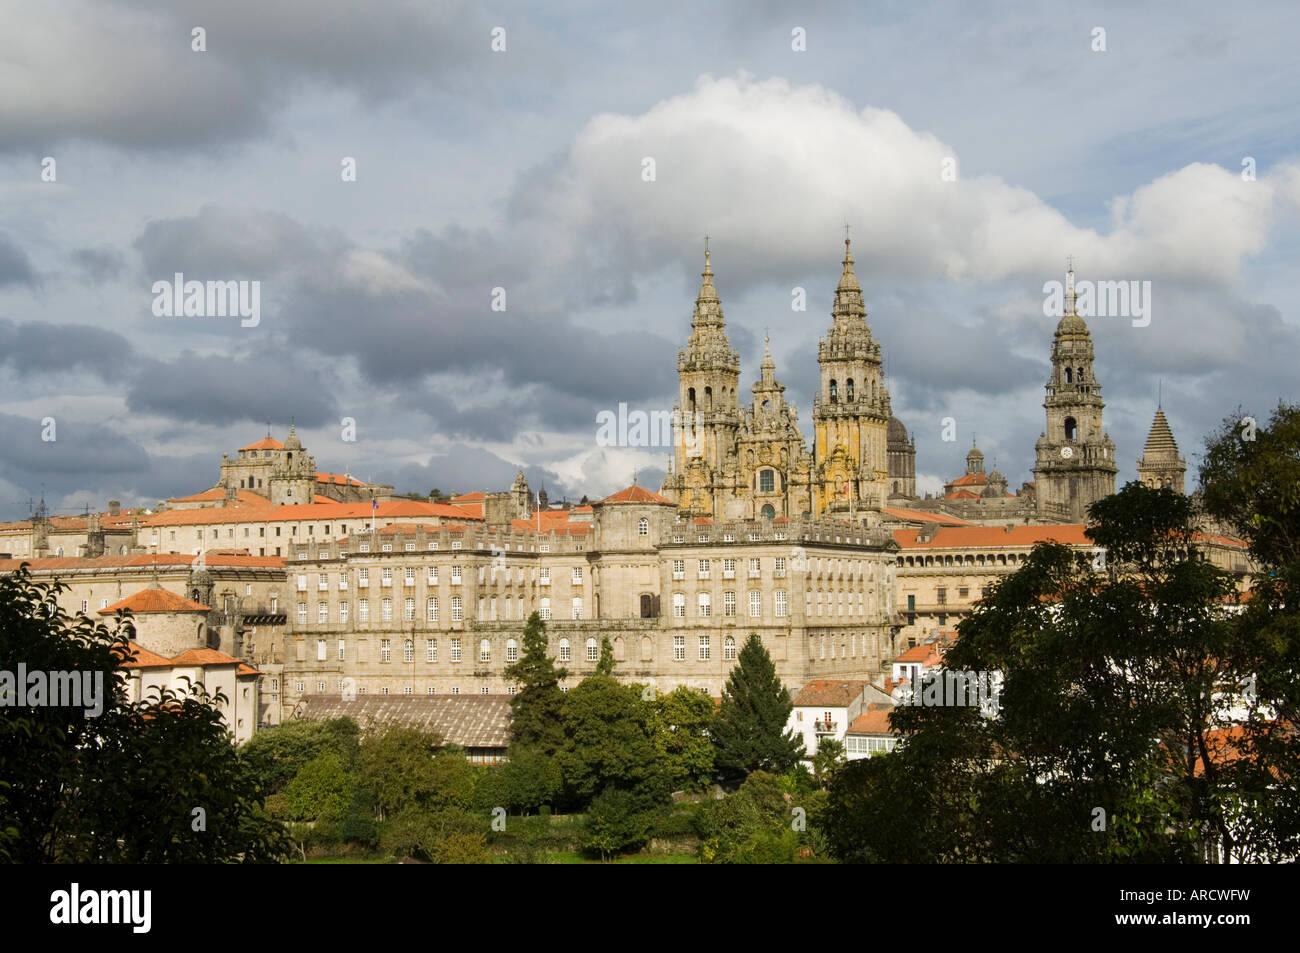 Catedral de Santiago mit dem Palast Raxoi in Vordergrund, Santiago De Compostela, Galicien, Spanien, Europa Stockbild